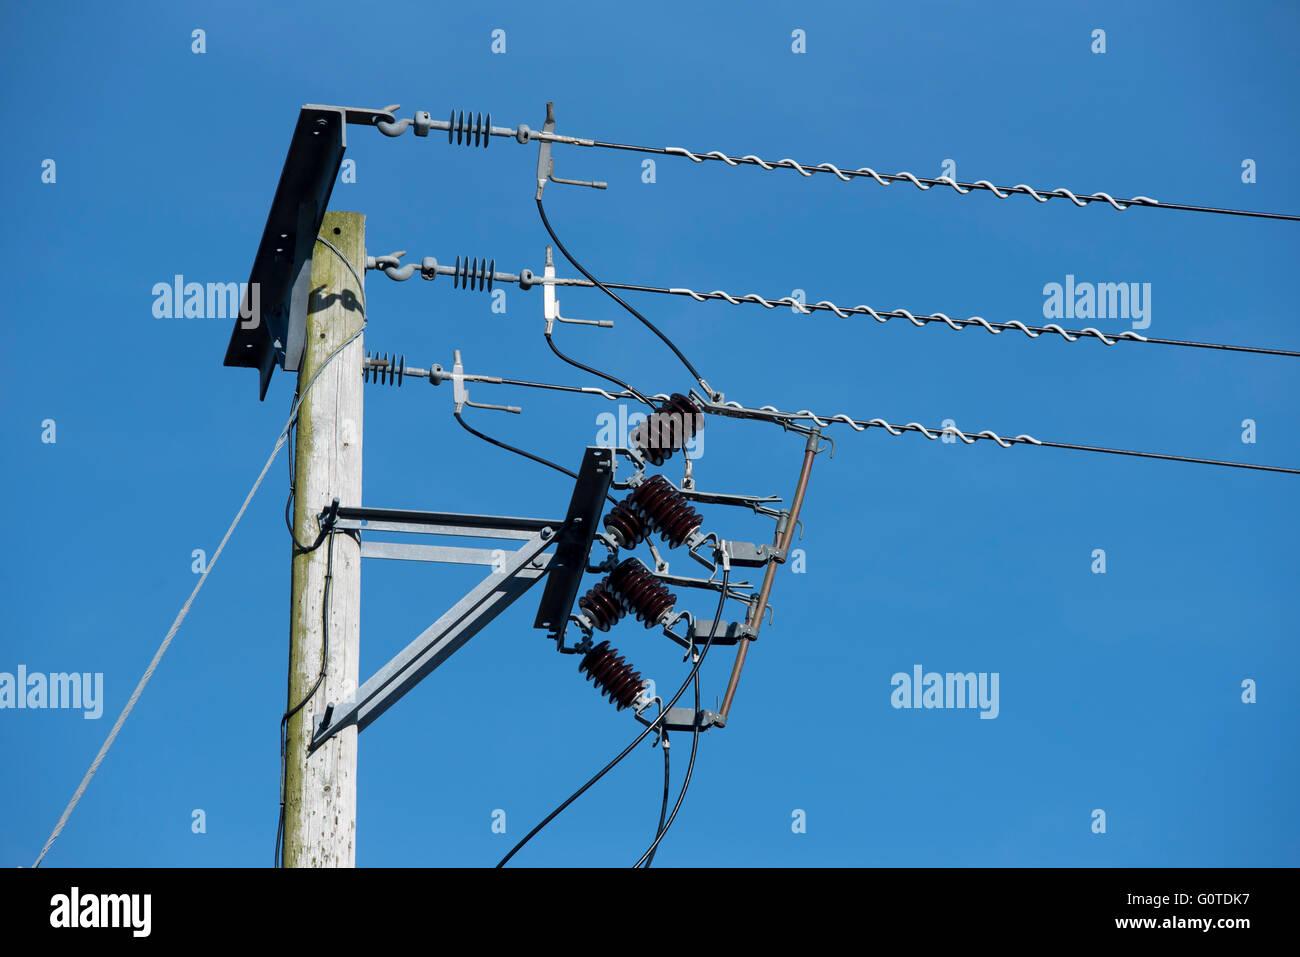 Detaillierte Darstellung einen Ende aus Holz macht Kabel Pylon mit Isolatoren. Stockbild